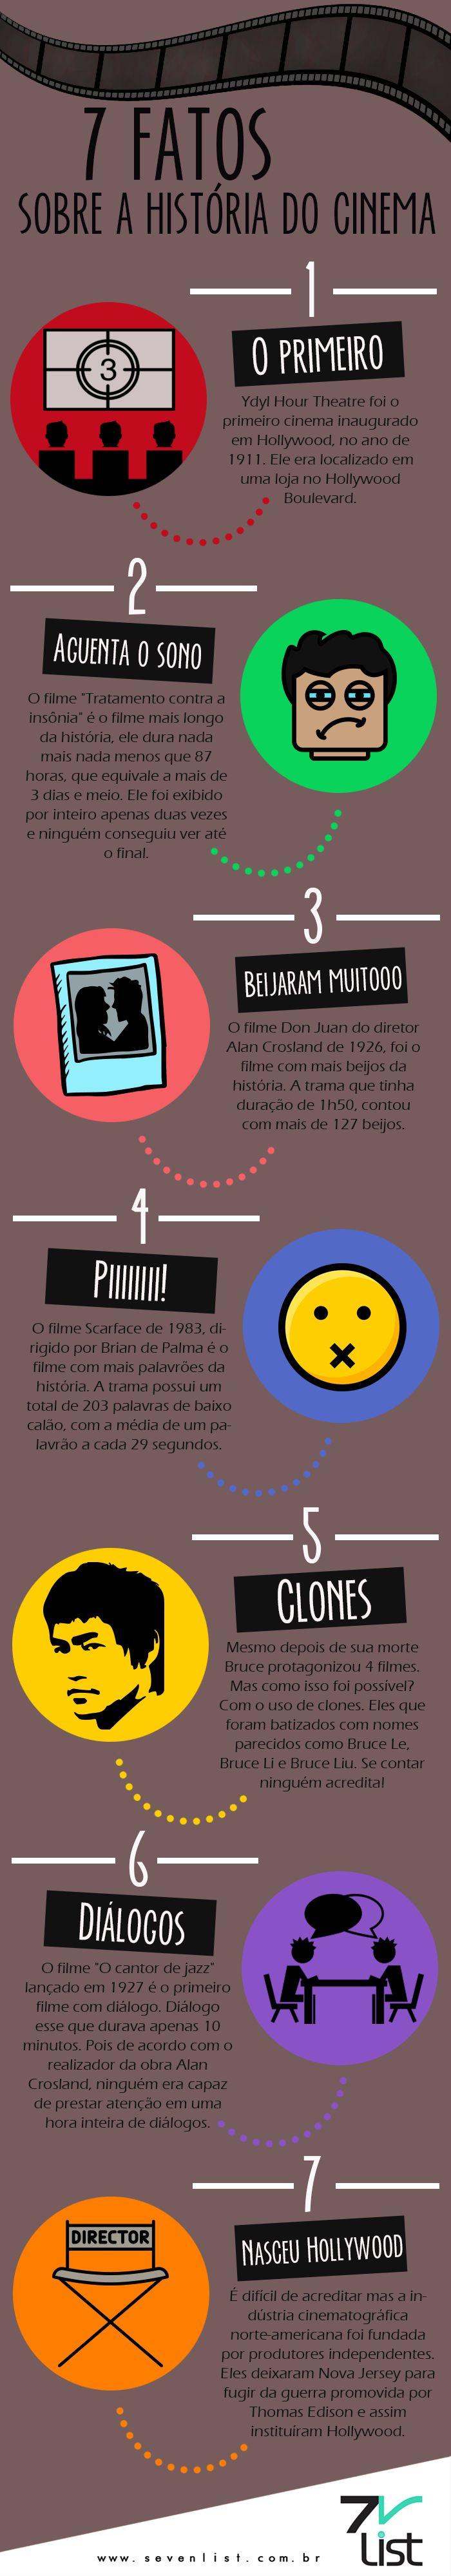 #Infográfico #Design #Entretenimento #Cinema #Movies #Cine #History #Curiosidades #Filmes www.sevenlist.com.br